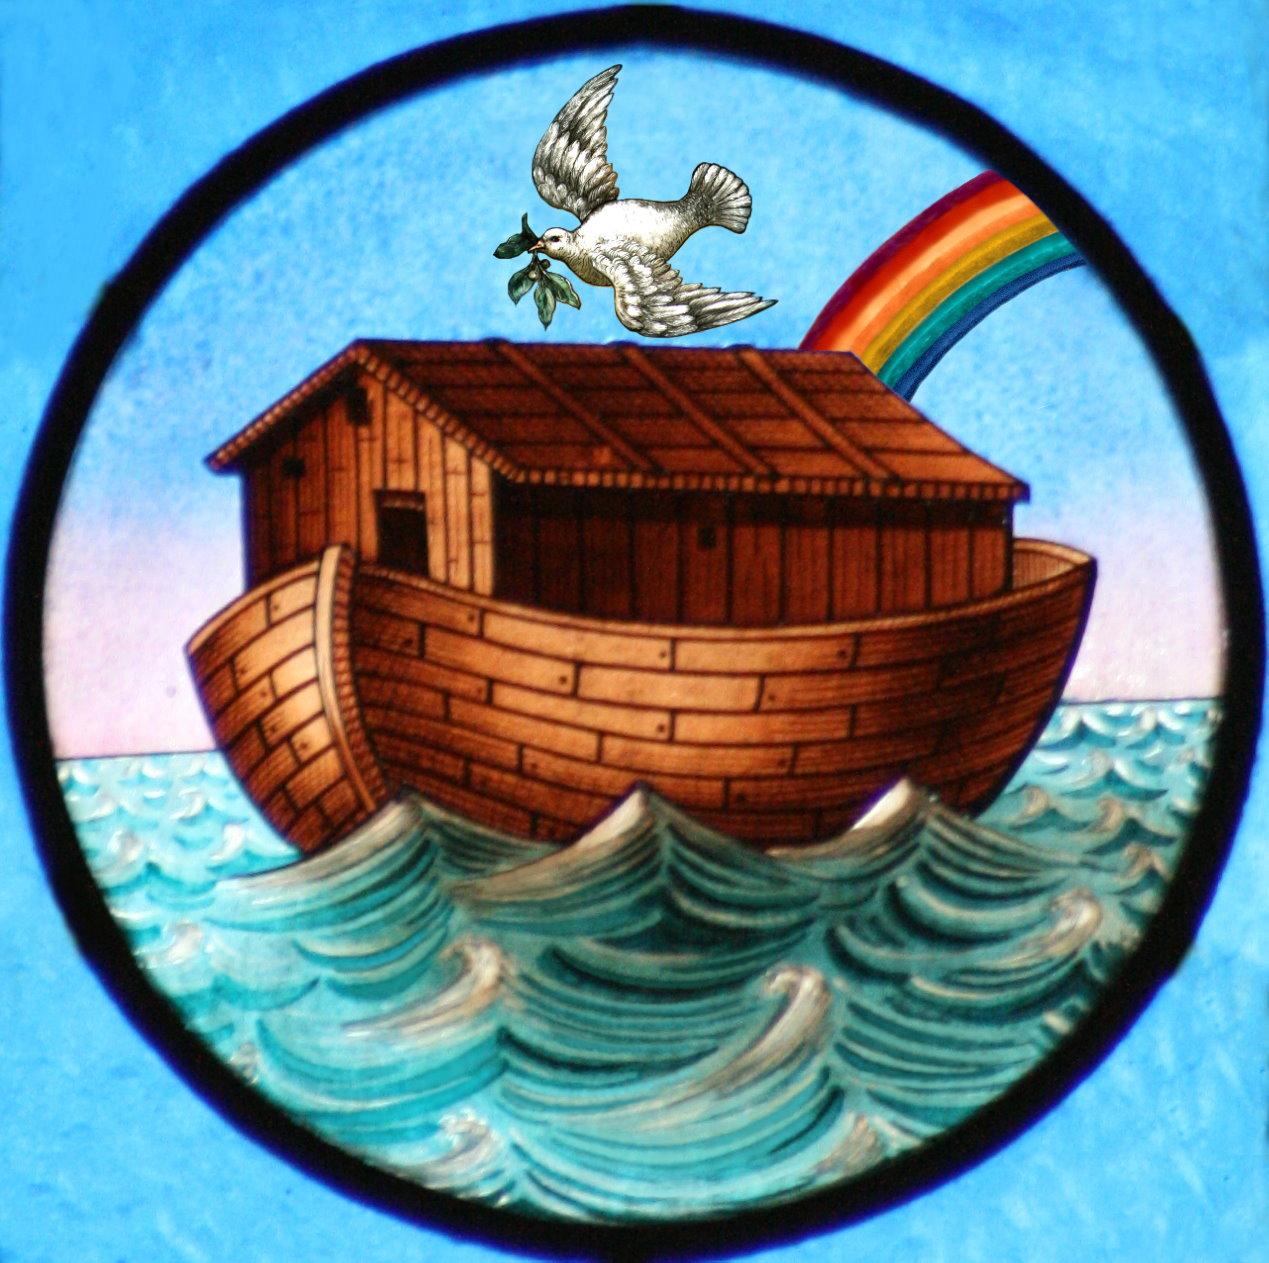 File:Noahs Ark 0603a.jpg - The Work of God's Children